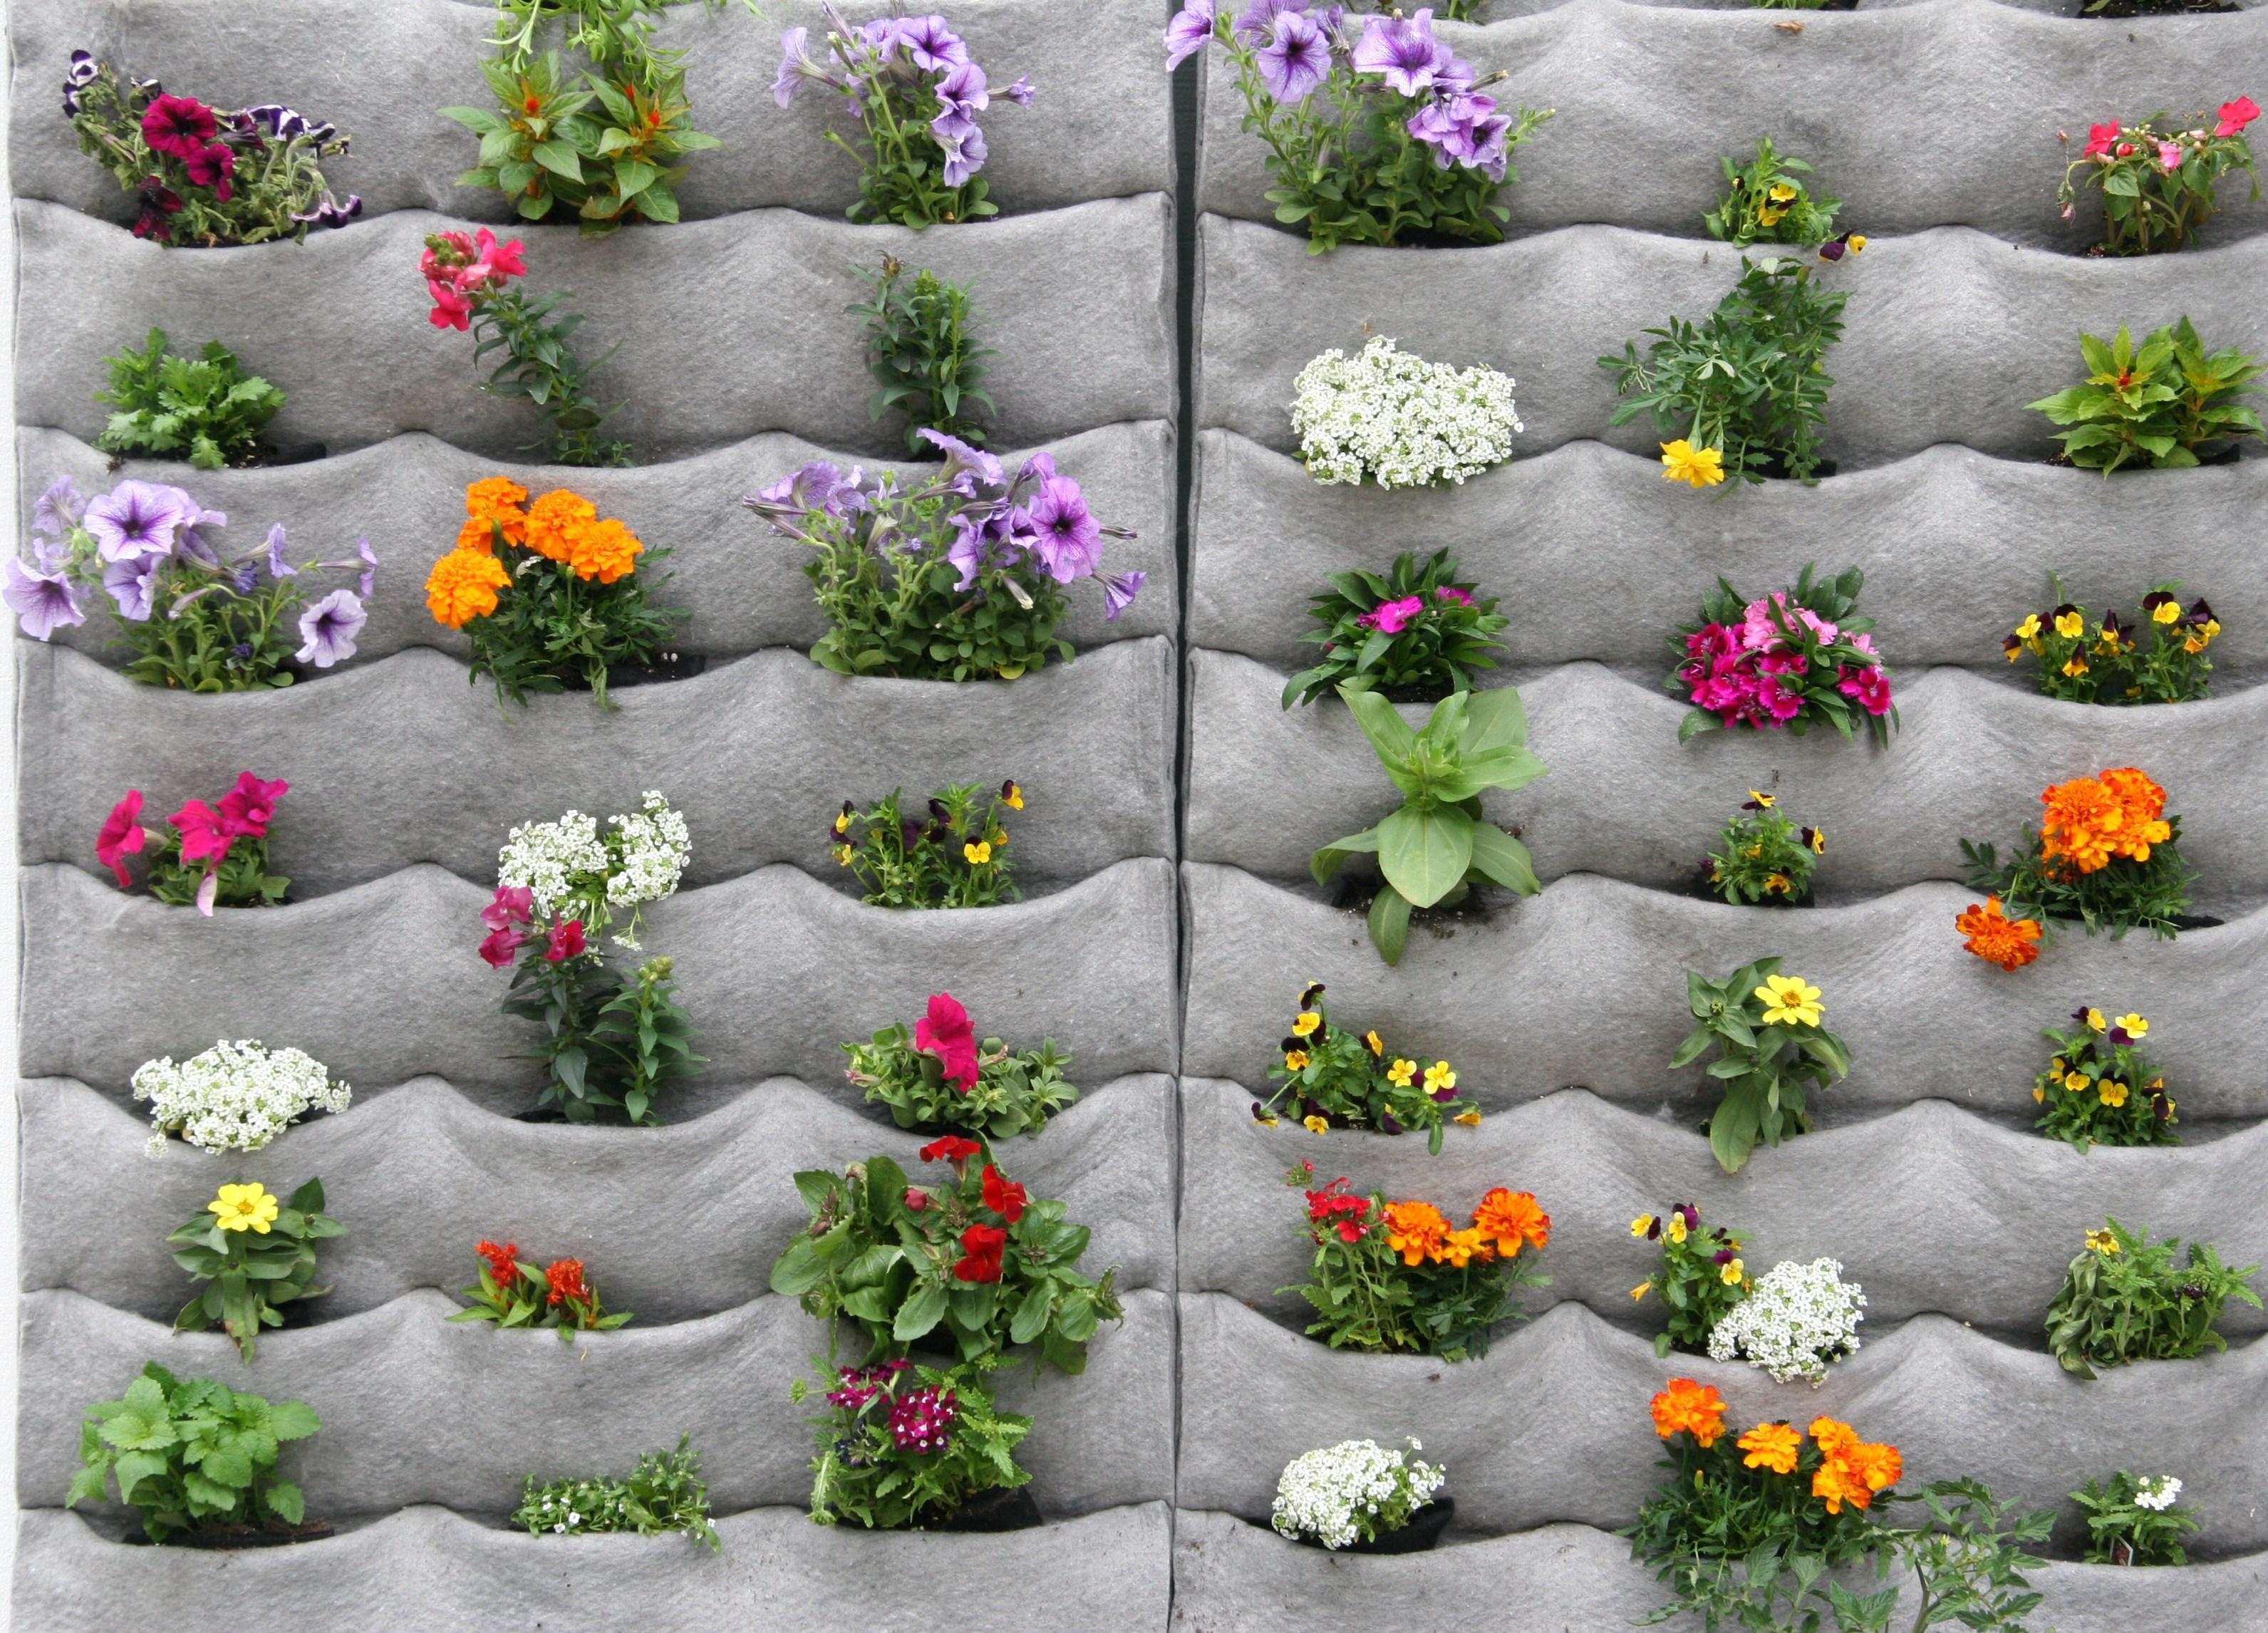 Giardini Verticali Fai Da Te building a garden wall ideas photograph | giardino verticale